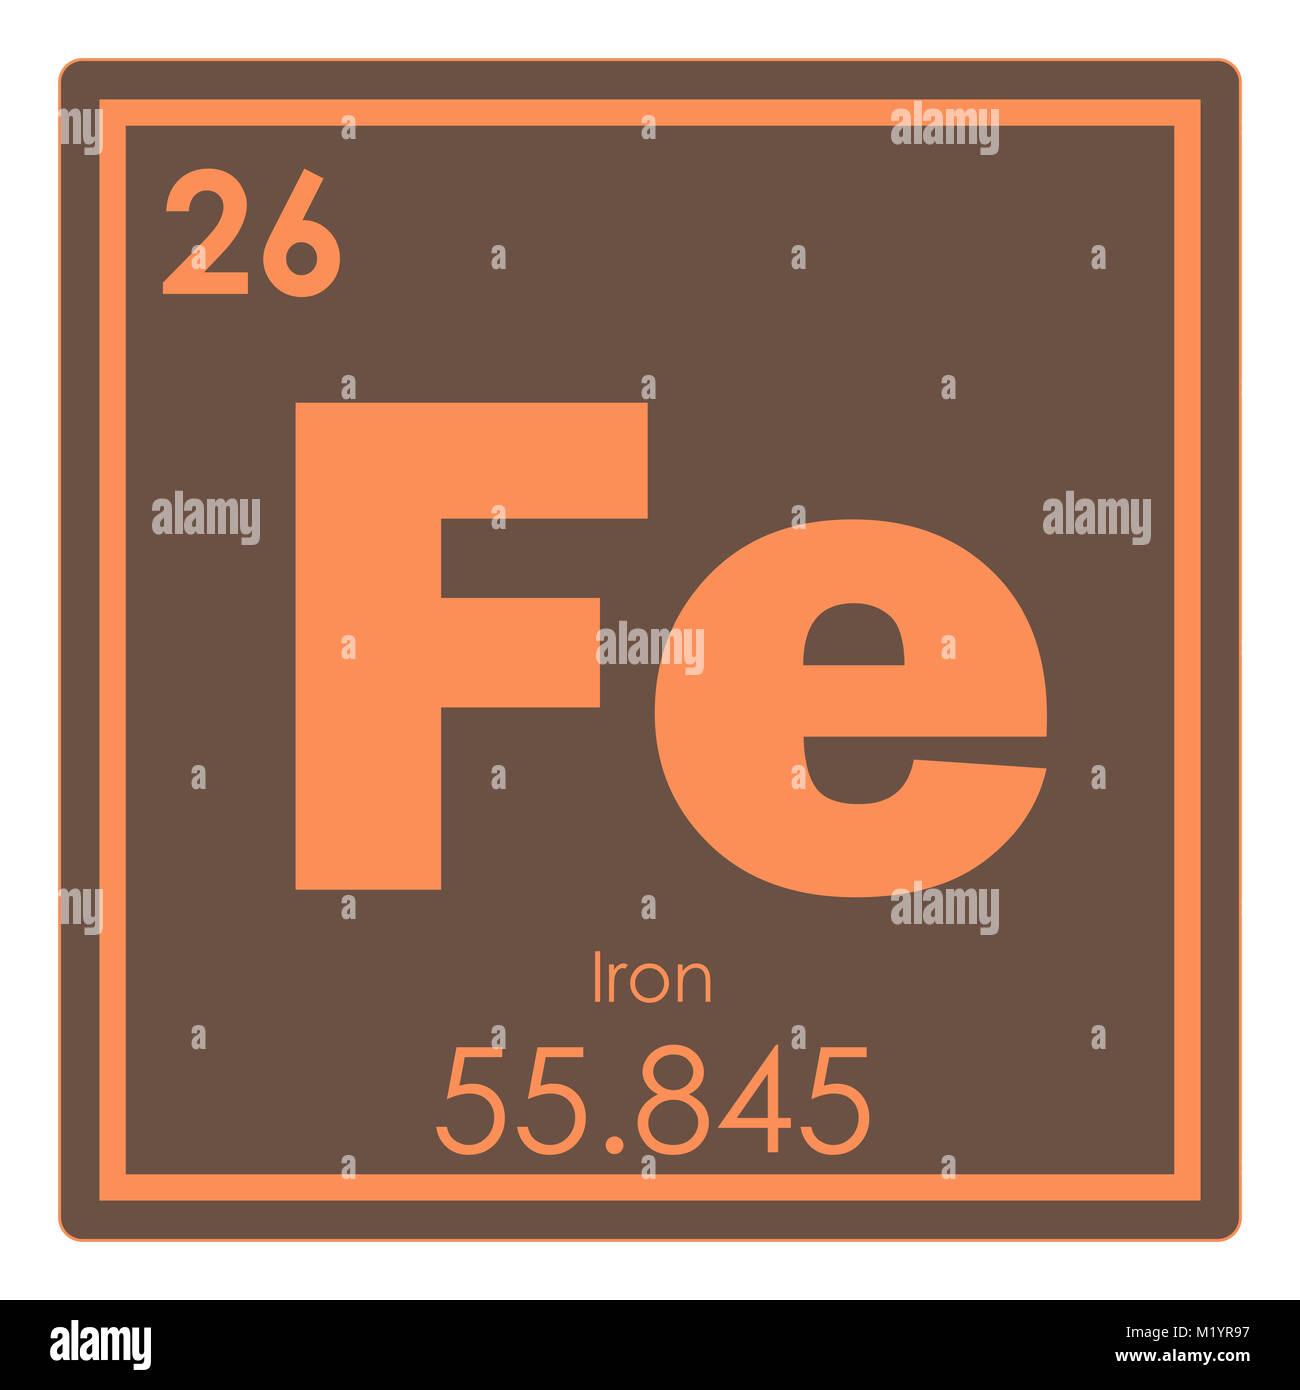 Tabla peridica de elementos qumicos de hierro smbolo de ciencia tabla peridica de elementos qumicos de hierro smbolo de ciencia urtaz Image collections